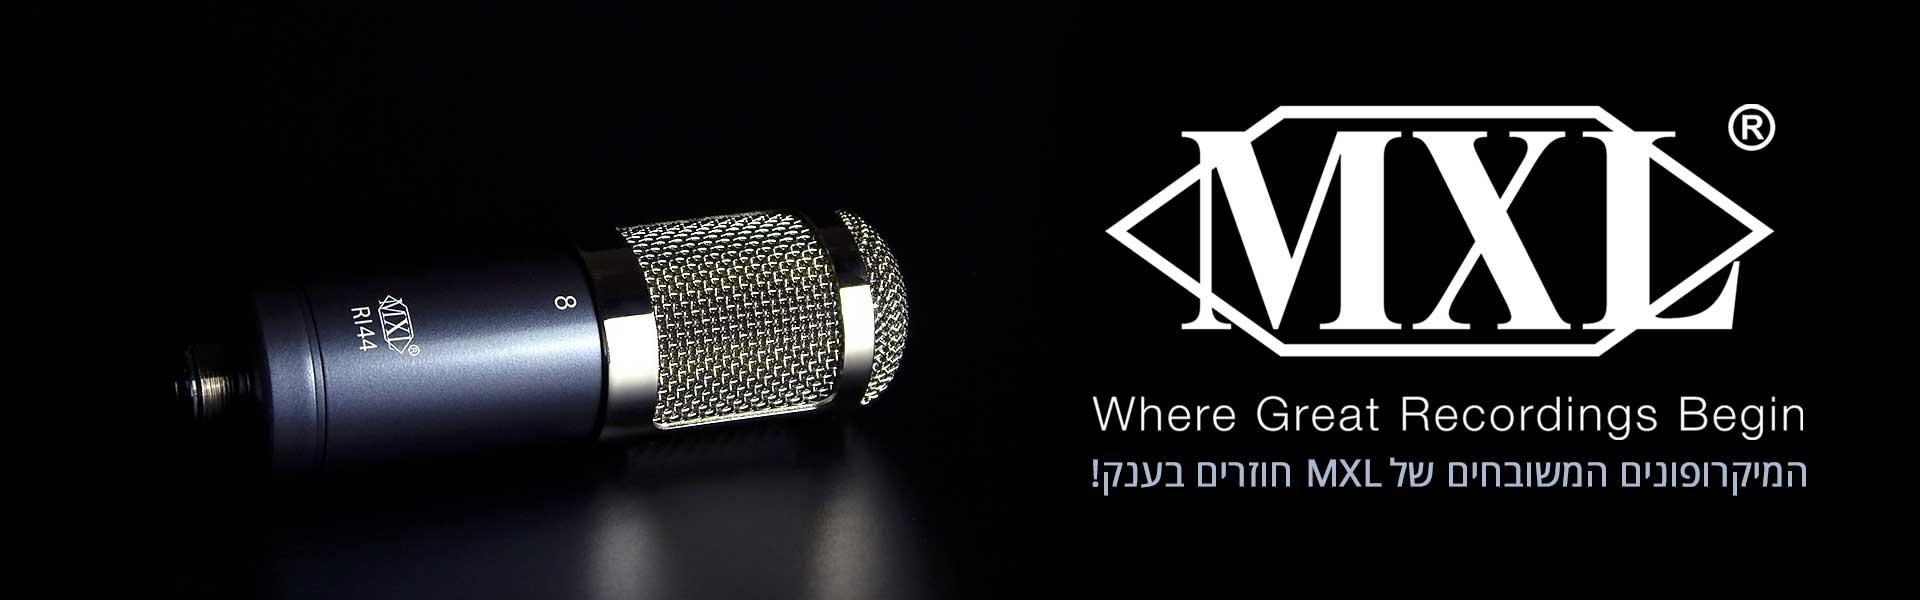 באנר משלוח מיקרופונים MXL אוגוסט 2021